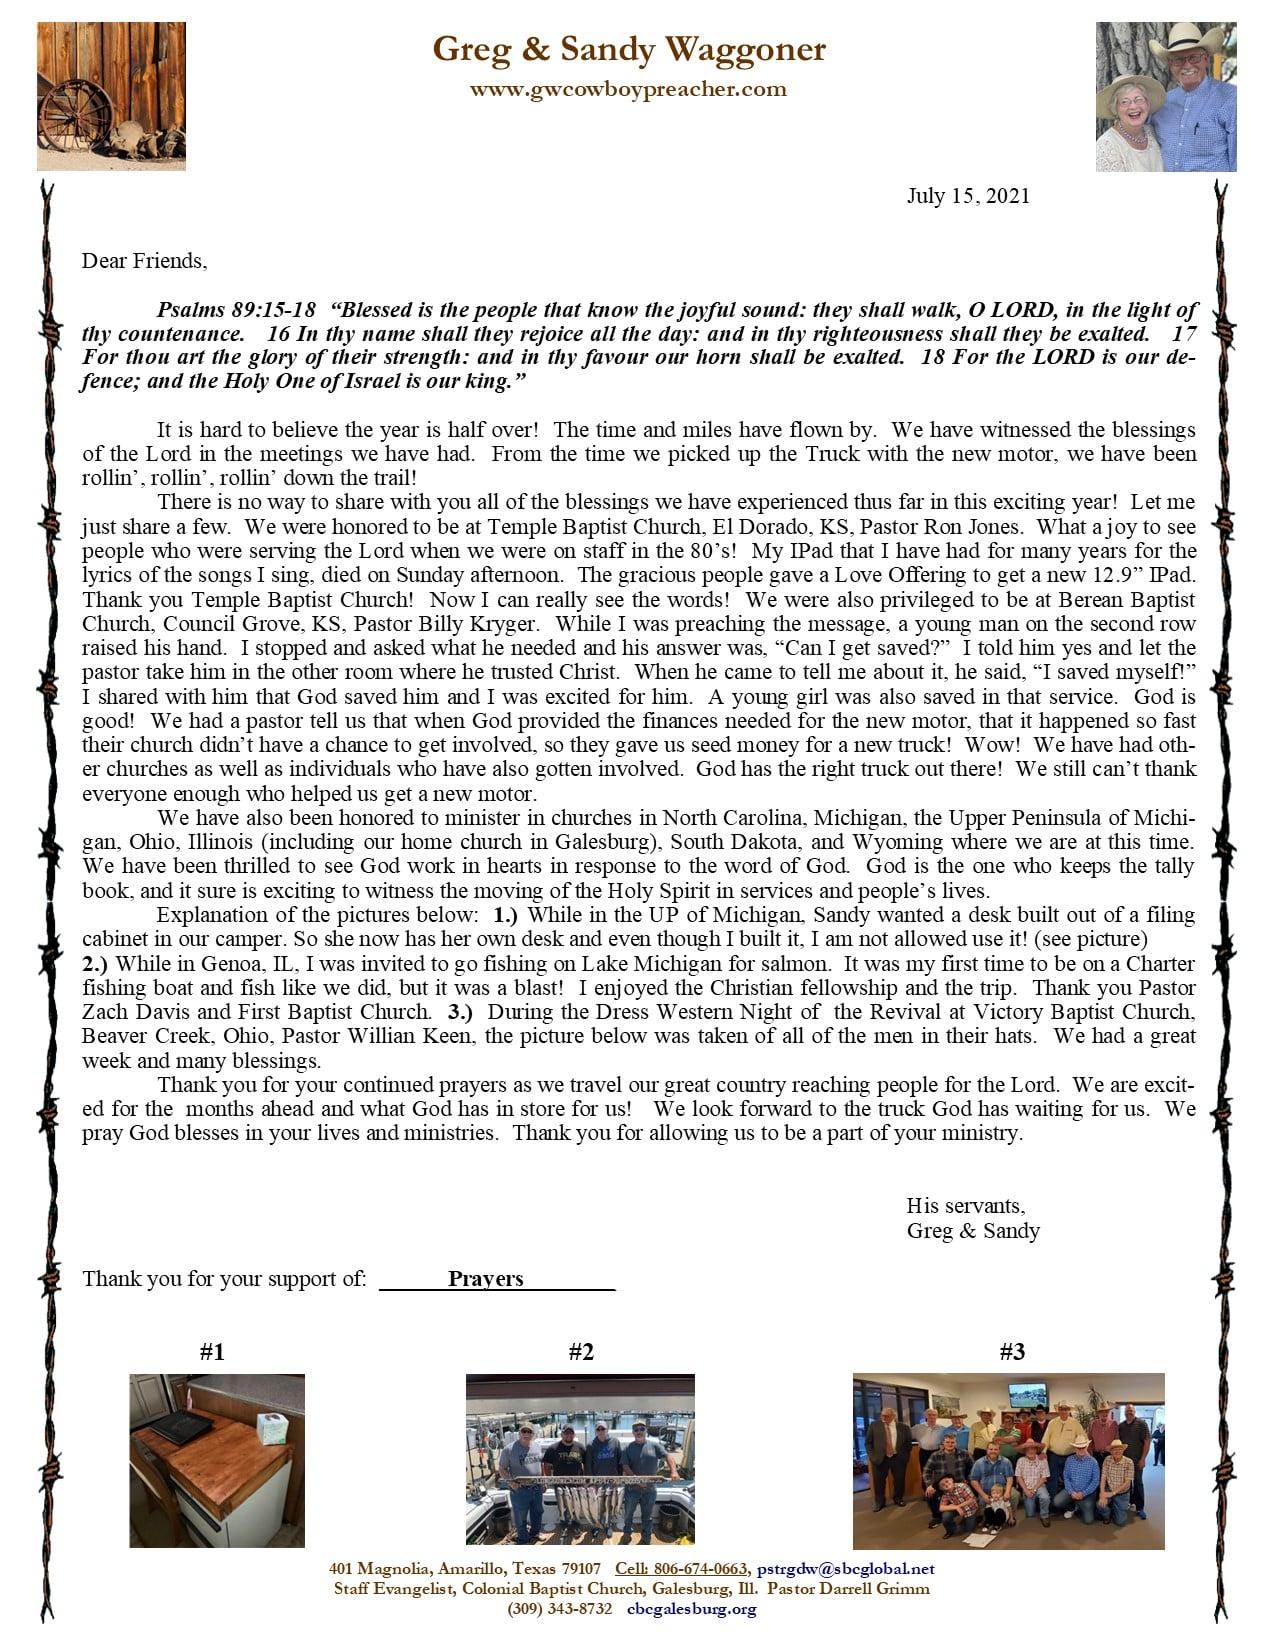 December 2020 Prayer Letter